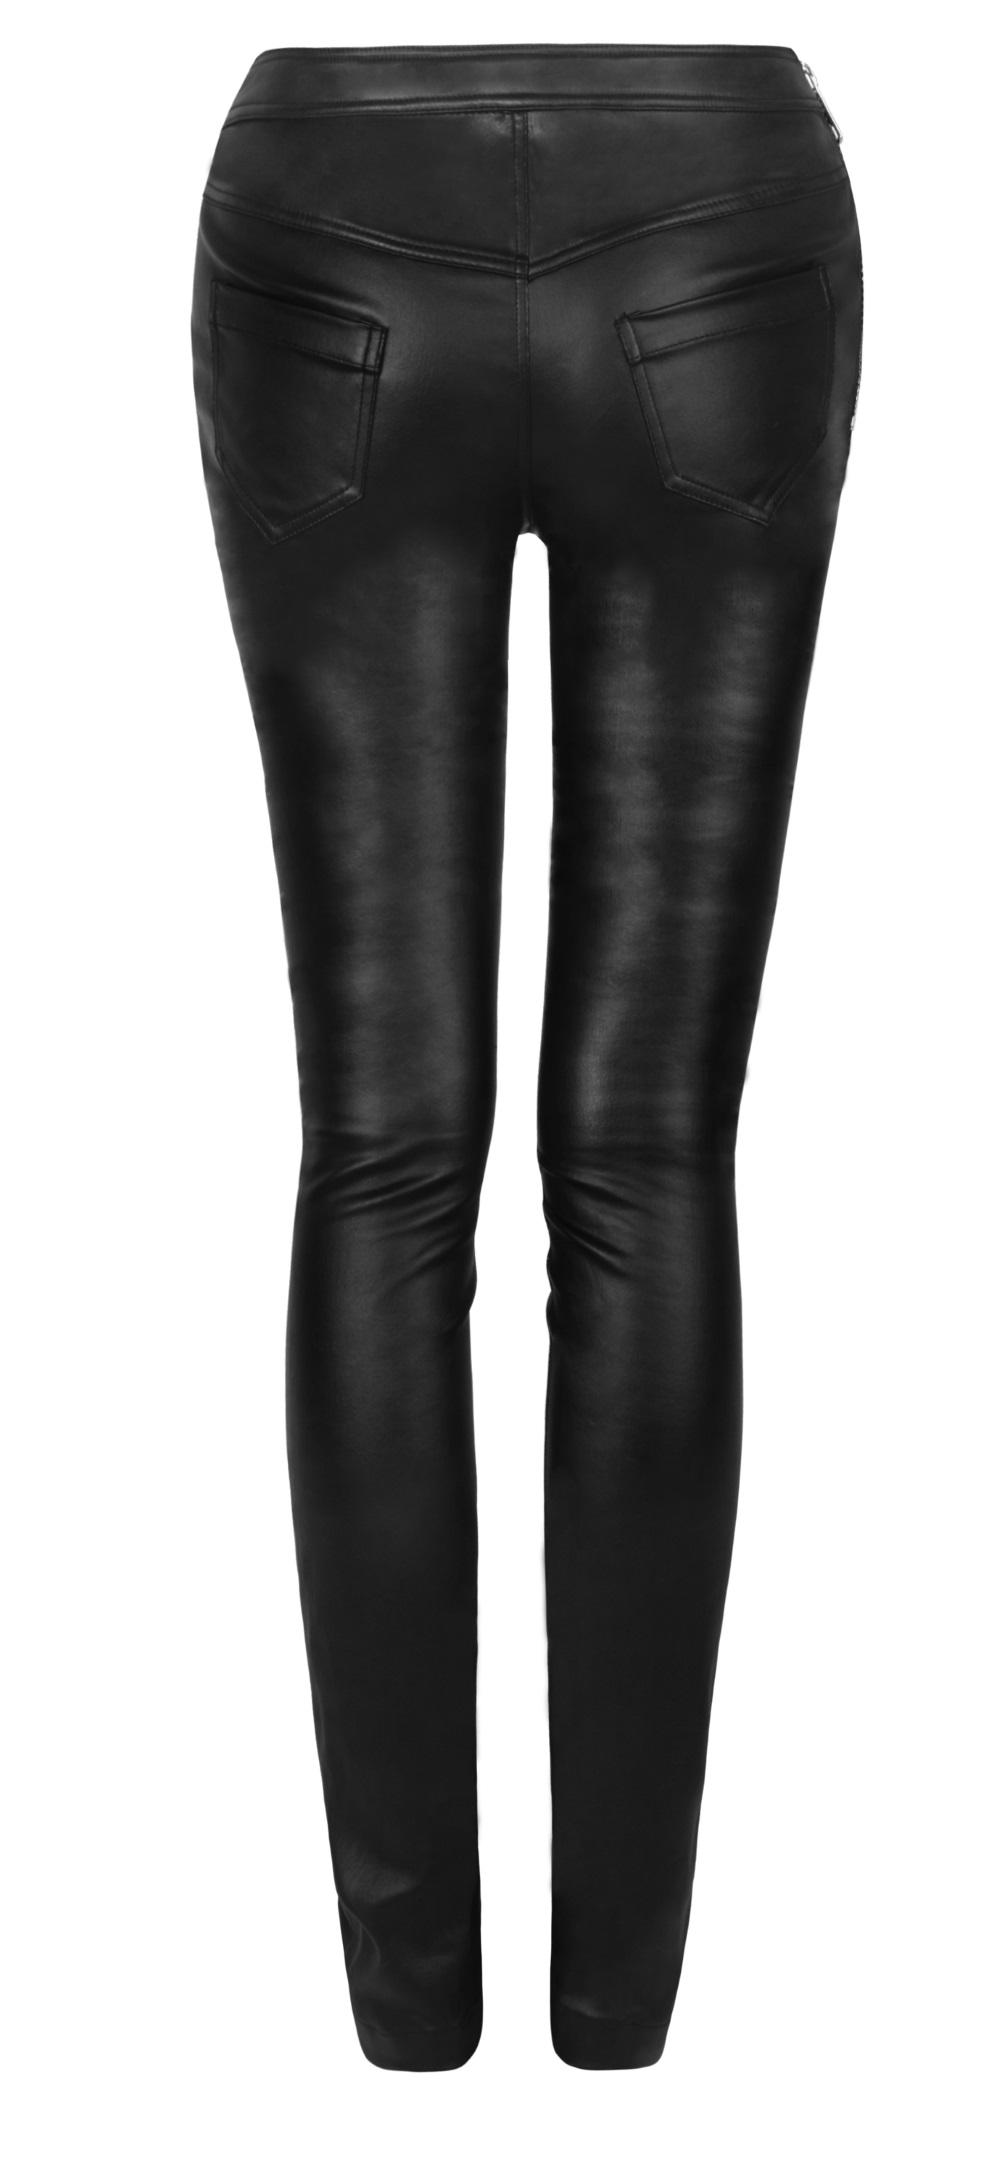 pantalon gothique femme en simili cuir noir. Black Bedroom Furniture Sets. Home Design Ideas